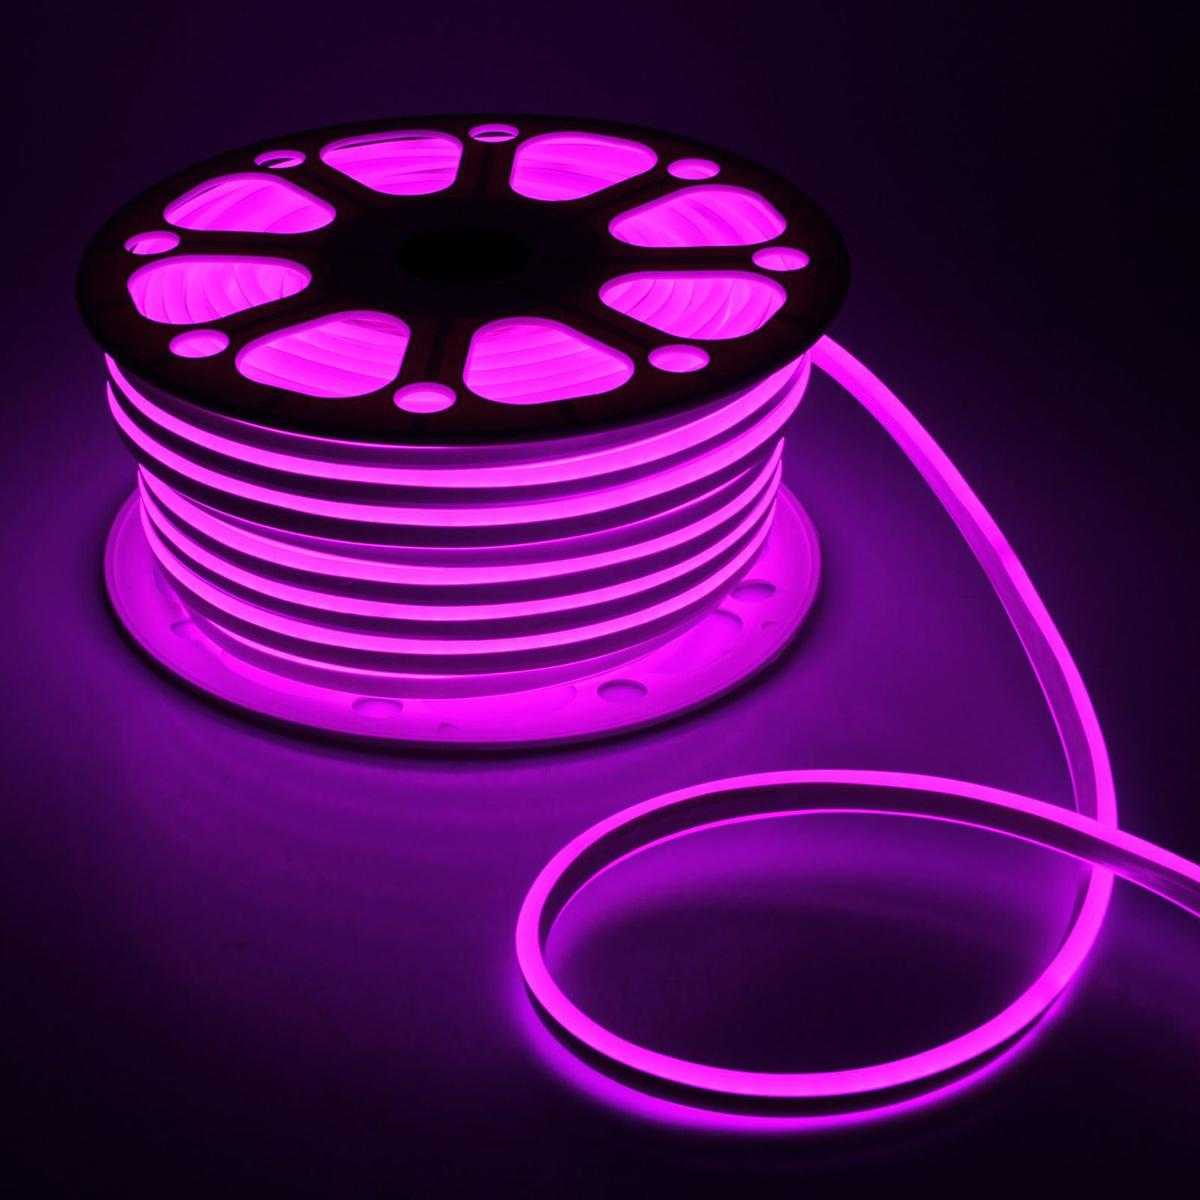 Гирлянда светодиодная Luazon, 120 ламп, 220 V, цвет: розовый, 0,8 см х 1,8 см х 50 м. 14312911431291Светодиодные гирлянды, ленты и т.д — это отличный вариант для новогоднего оформления интерьера или фасада. С их помощью помещение любого размера можно превратить в праздничный зал, а внешние элементы зданий, украшенные ими, мгновенно станут напоминать очертания сказочного дворца. Такие украшения создают ауру предвкушения чуда. Деревья, фасады, витрины, окна и арки будто специально созданы, чтобы вы украсили их светящимися нитями.